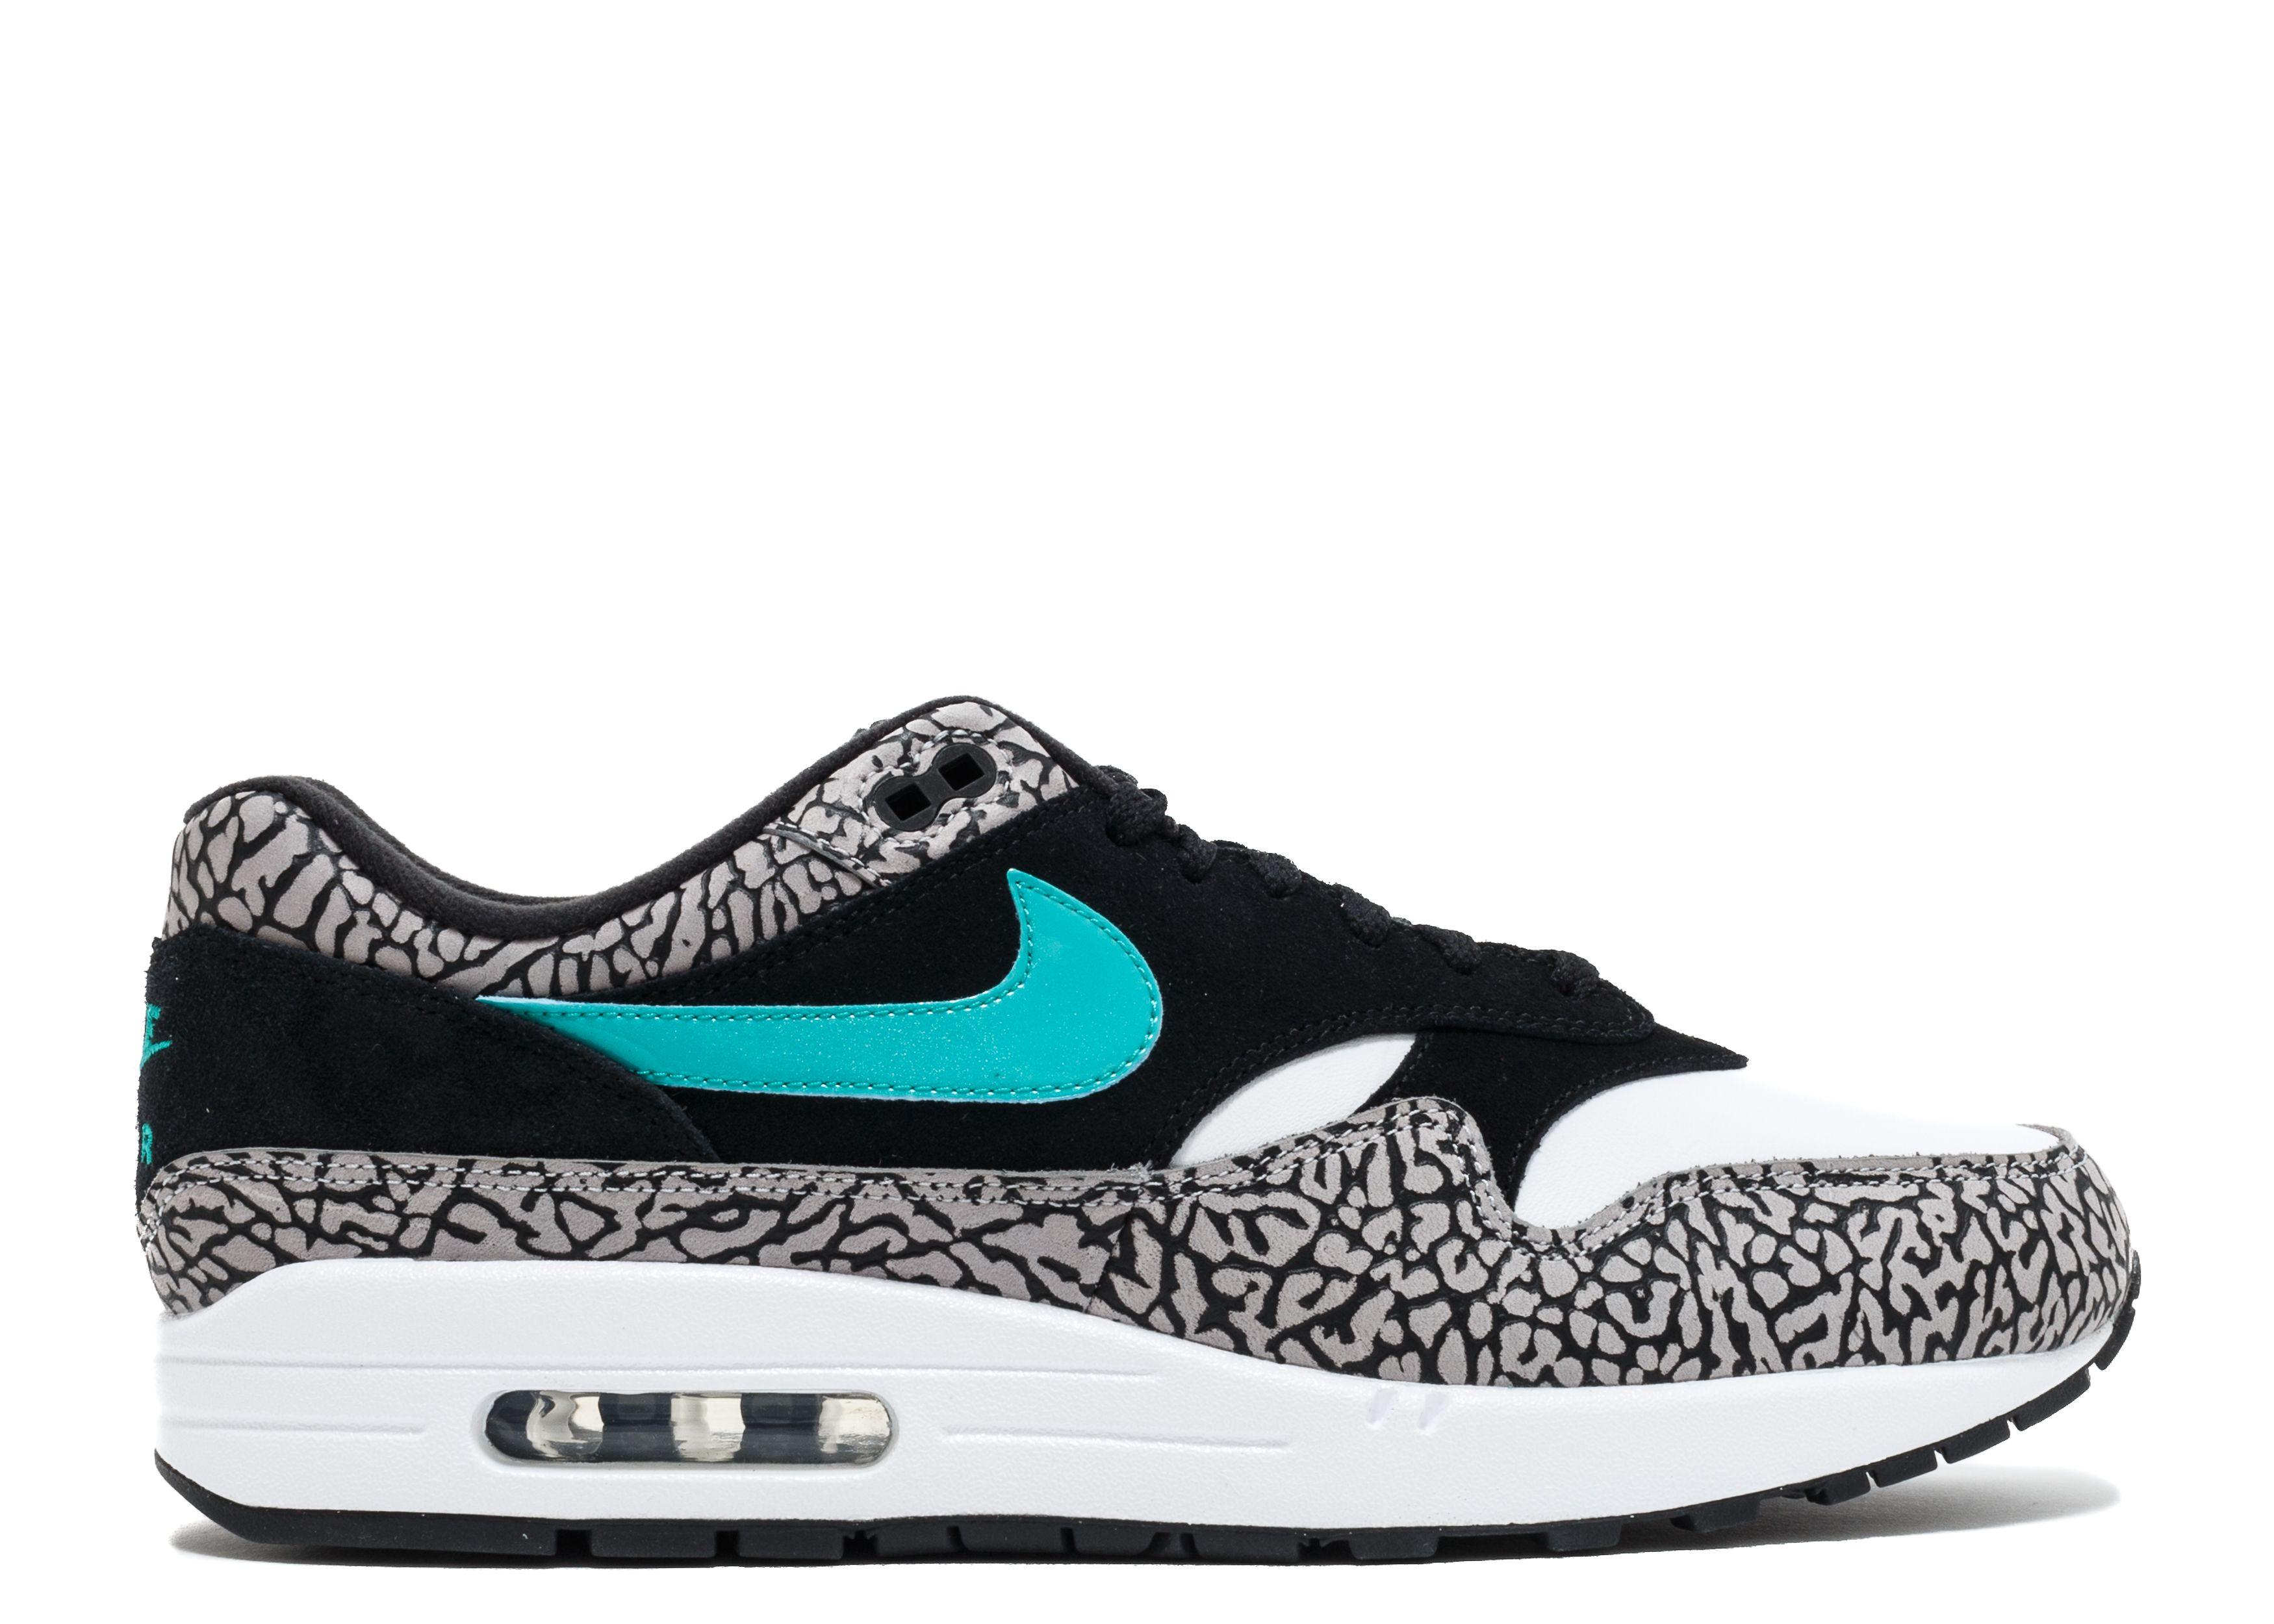 Top 10 Nike Air Max Sneakers For Men 3afea9376